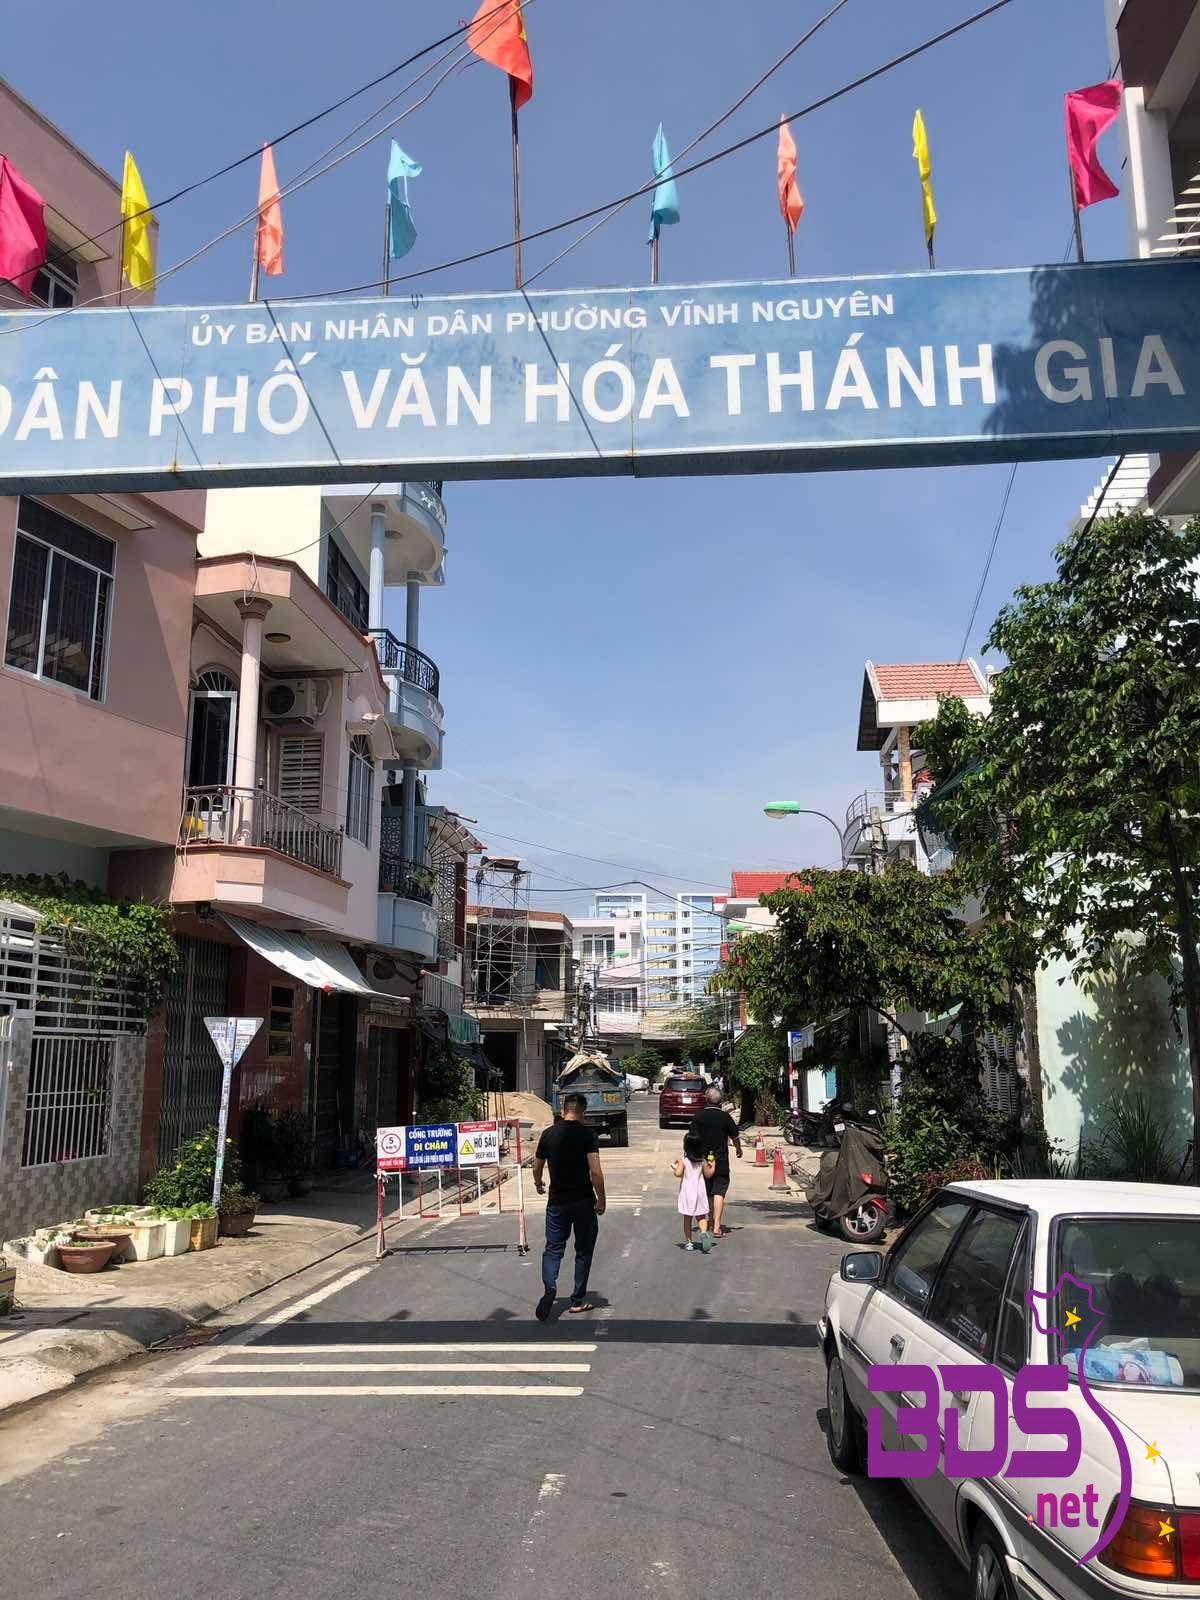 Lô nền hướng Tây Bắc trung tâm Nha Trang, mua về xây gì cũng tiện-0